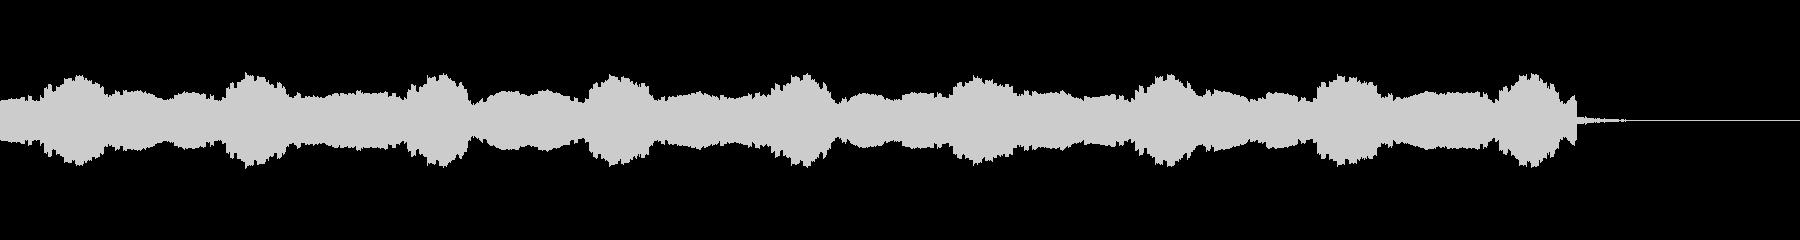 ピコピコ計算/分析解析/宇宙と交信4の未再生の波形